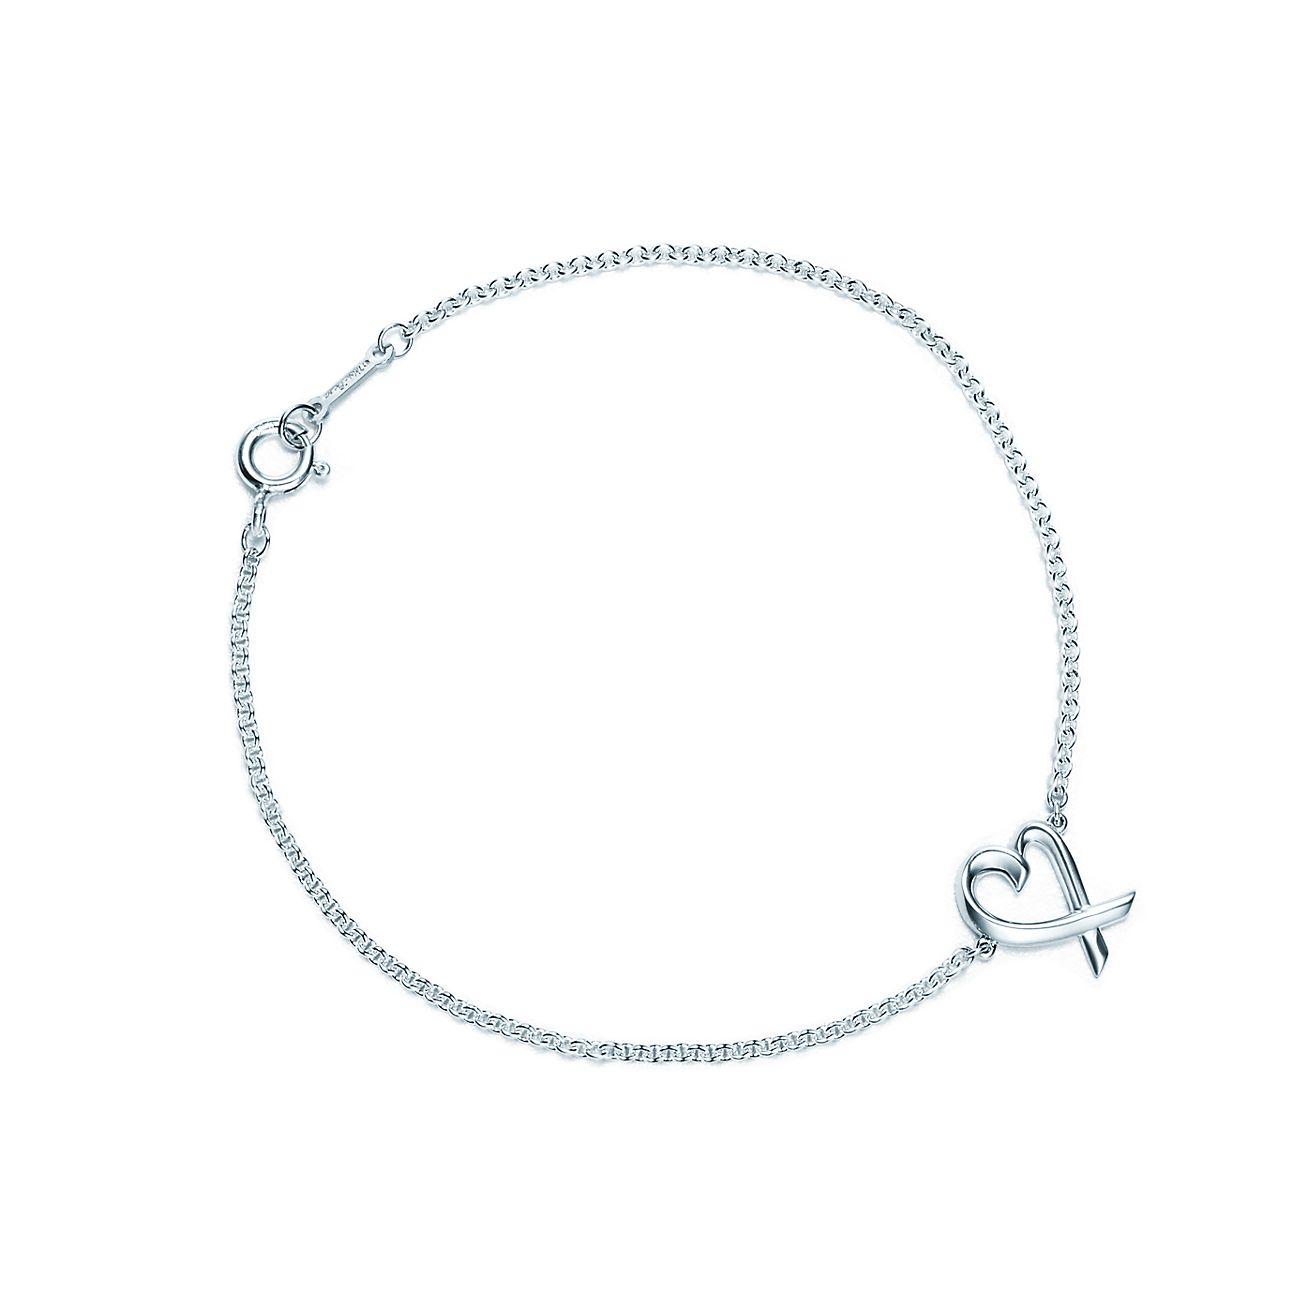 47950e4b1 Paloma Pico Loving Heart Bracelet In Sterling Silver Medium